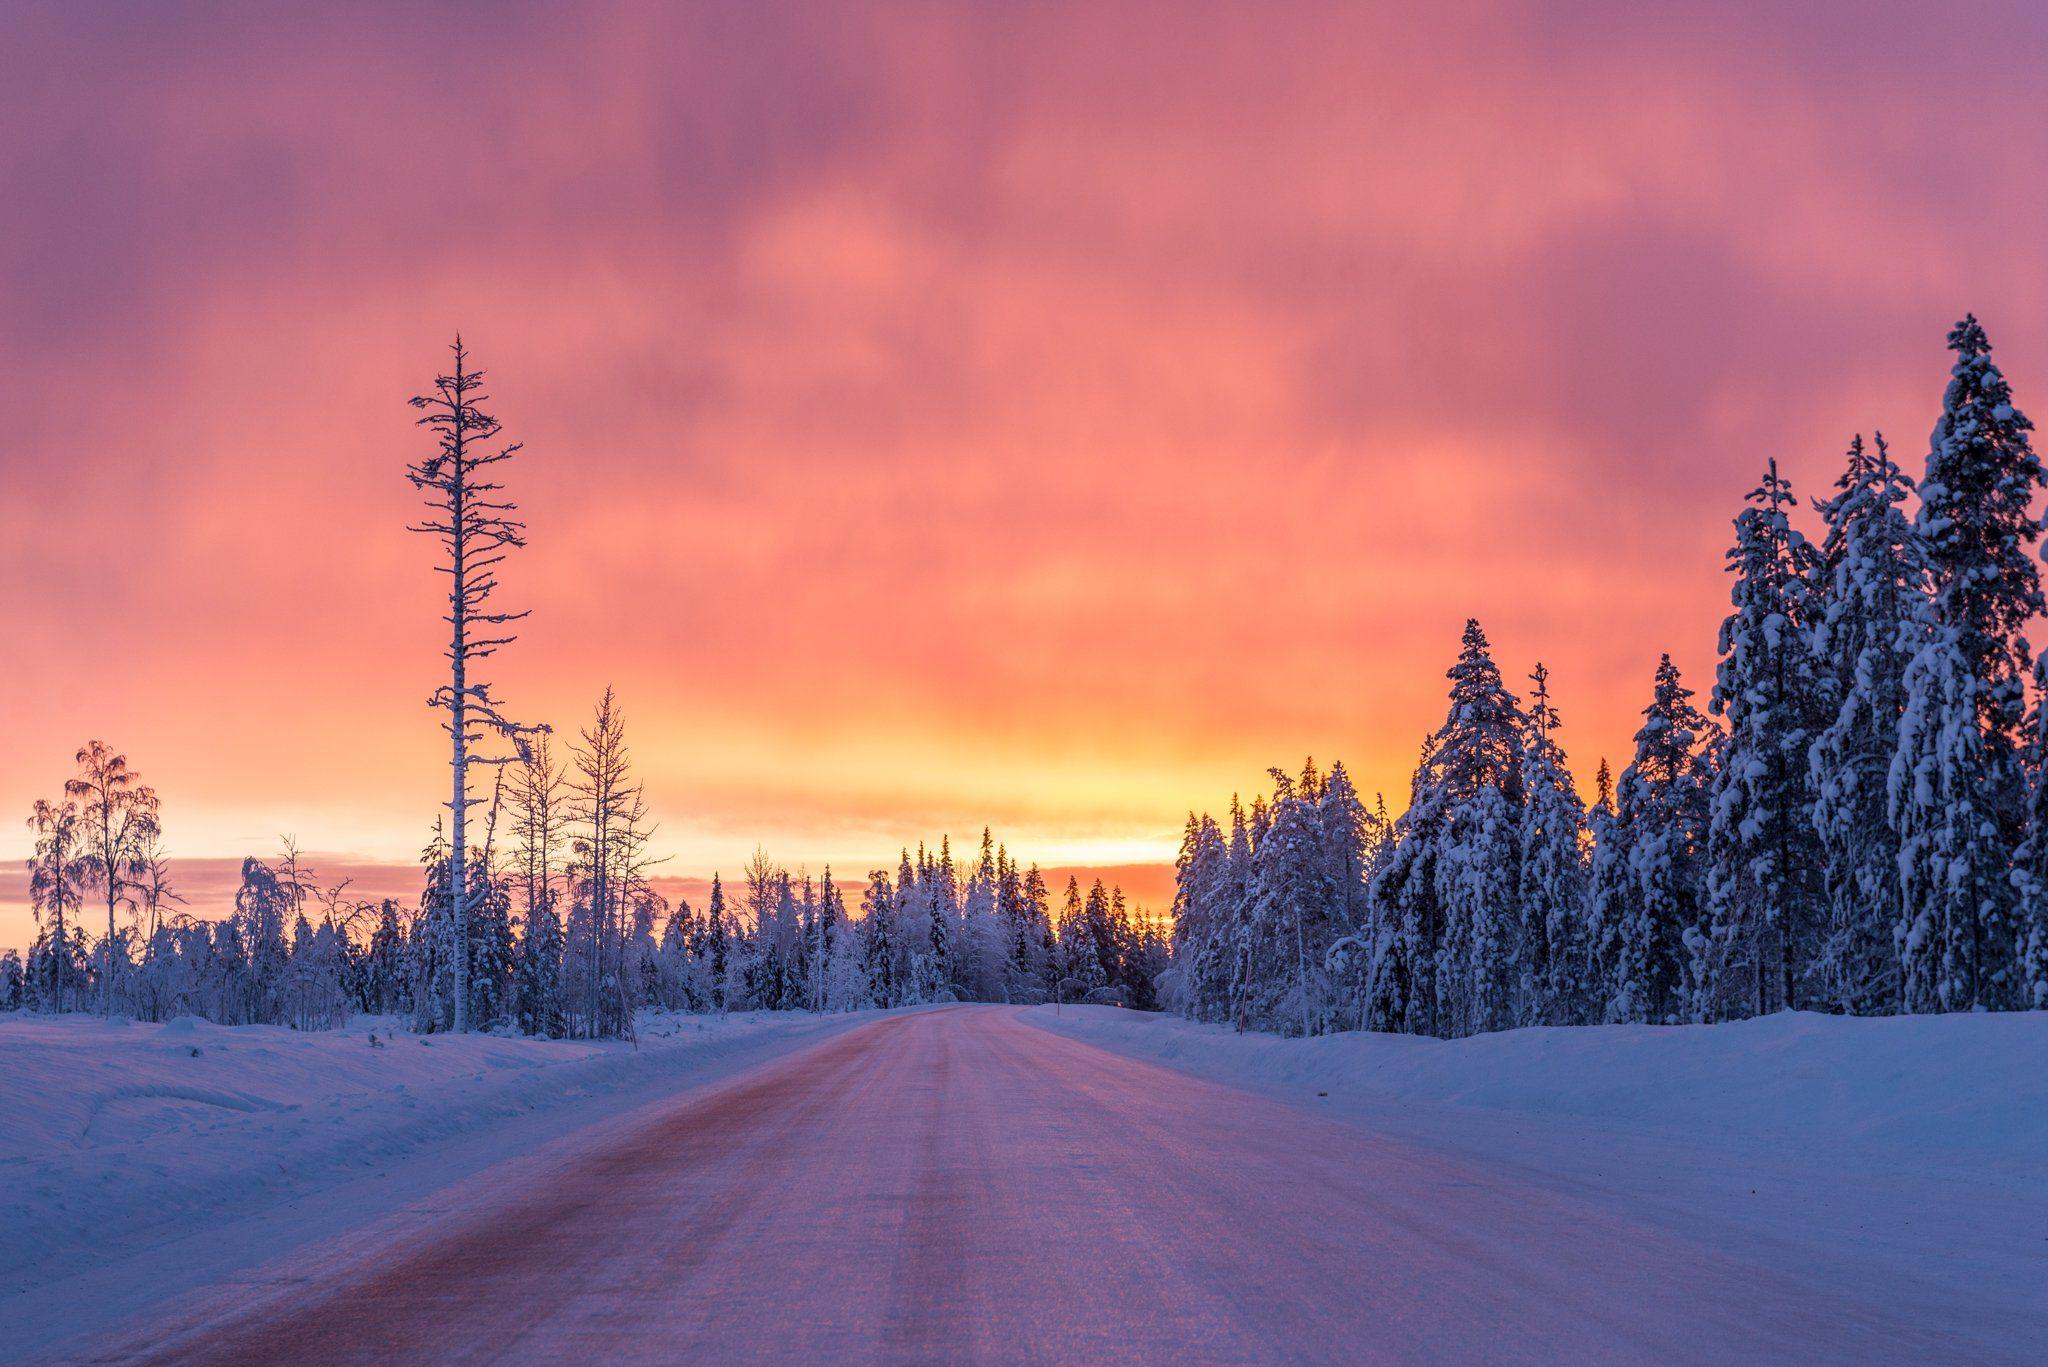 Midday sky at Ylläs Finland